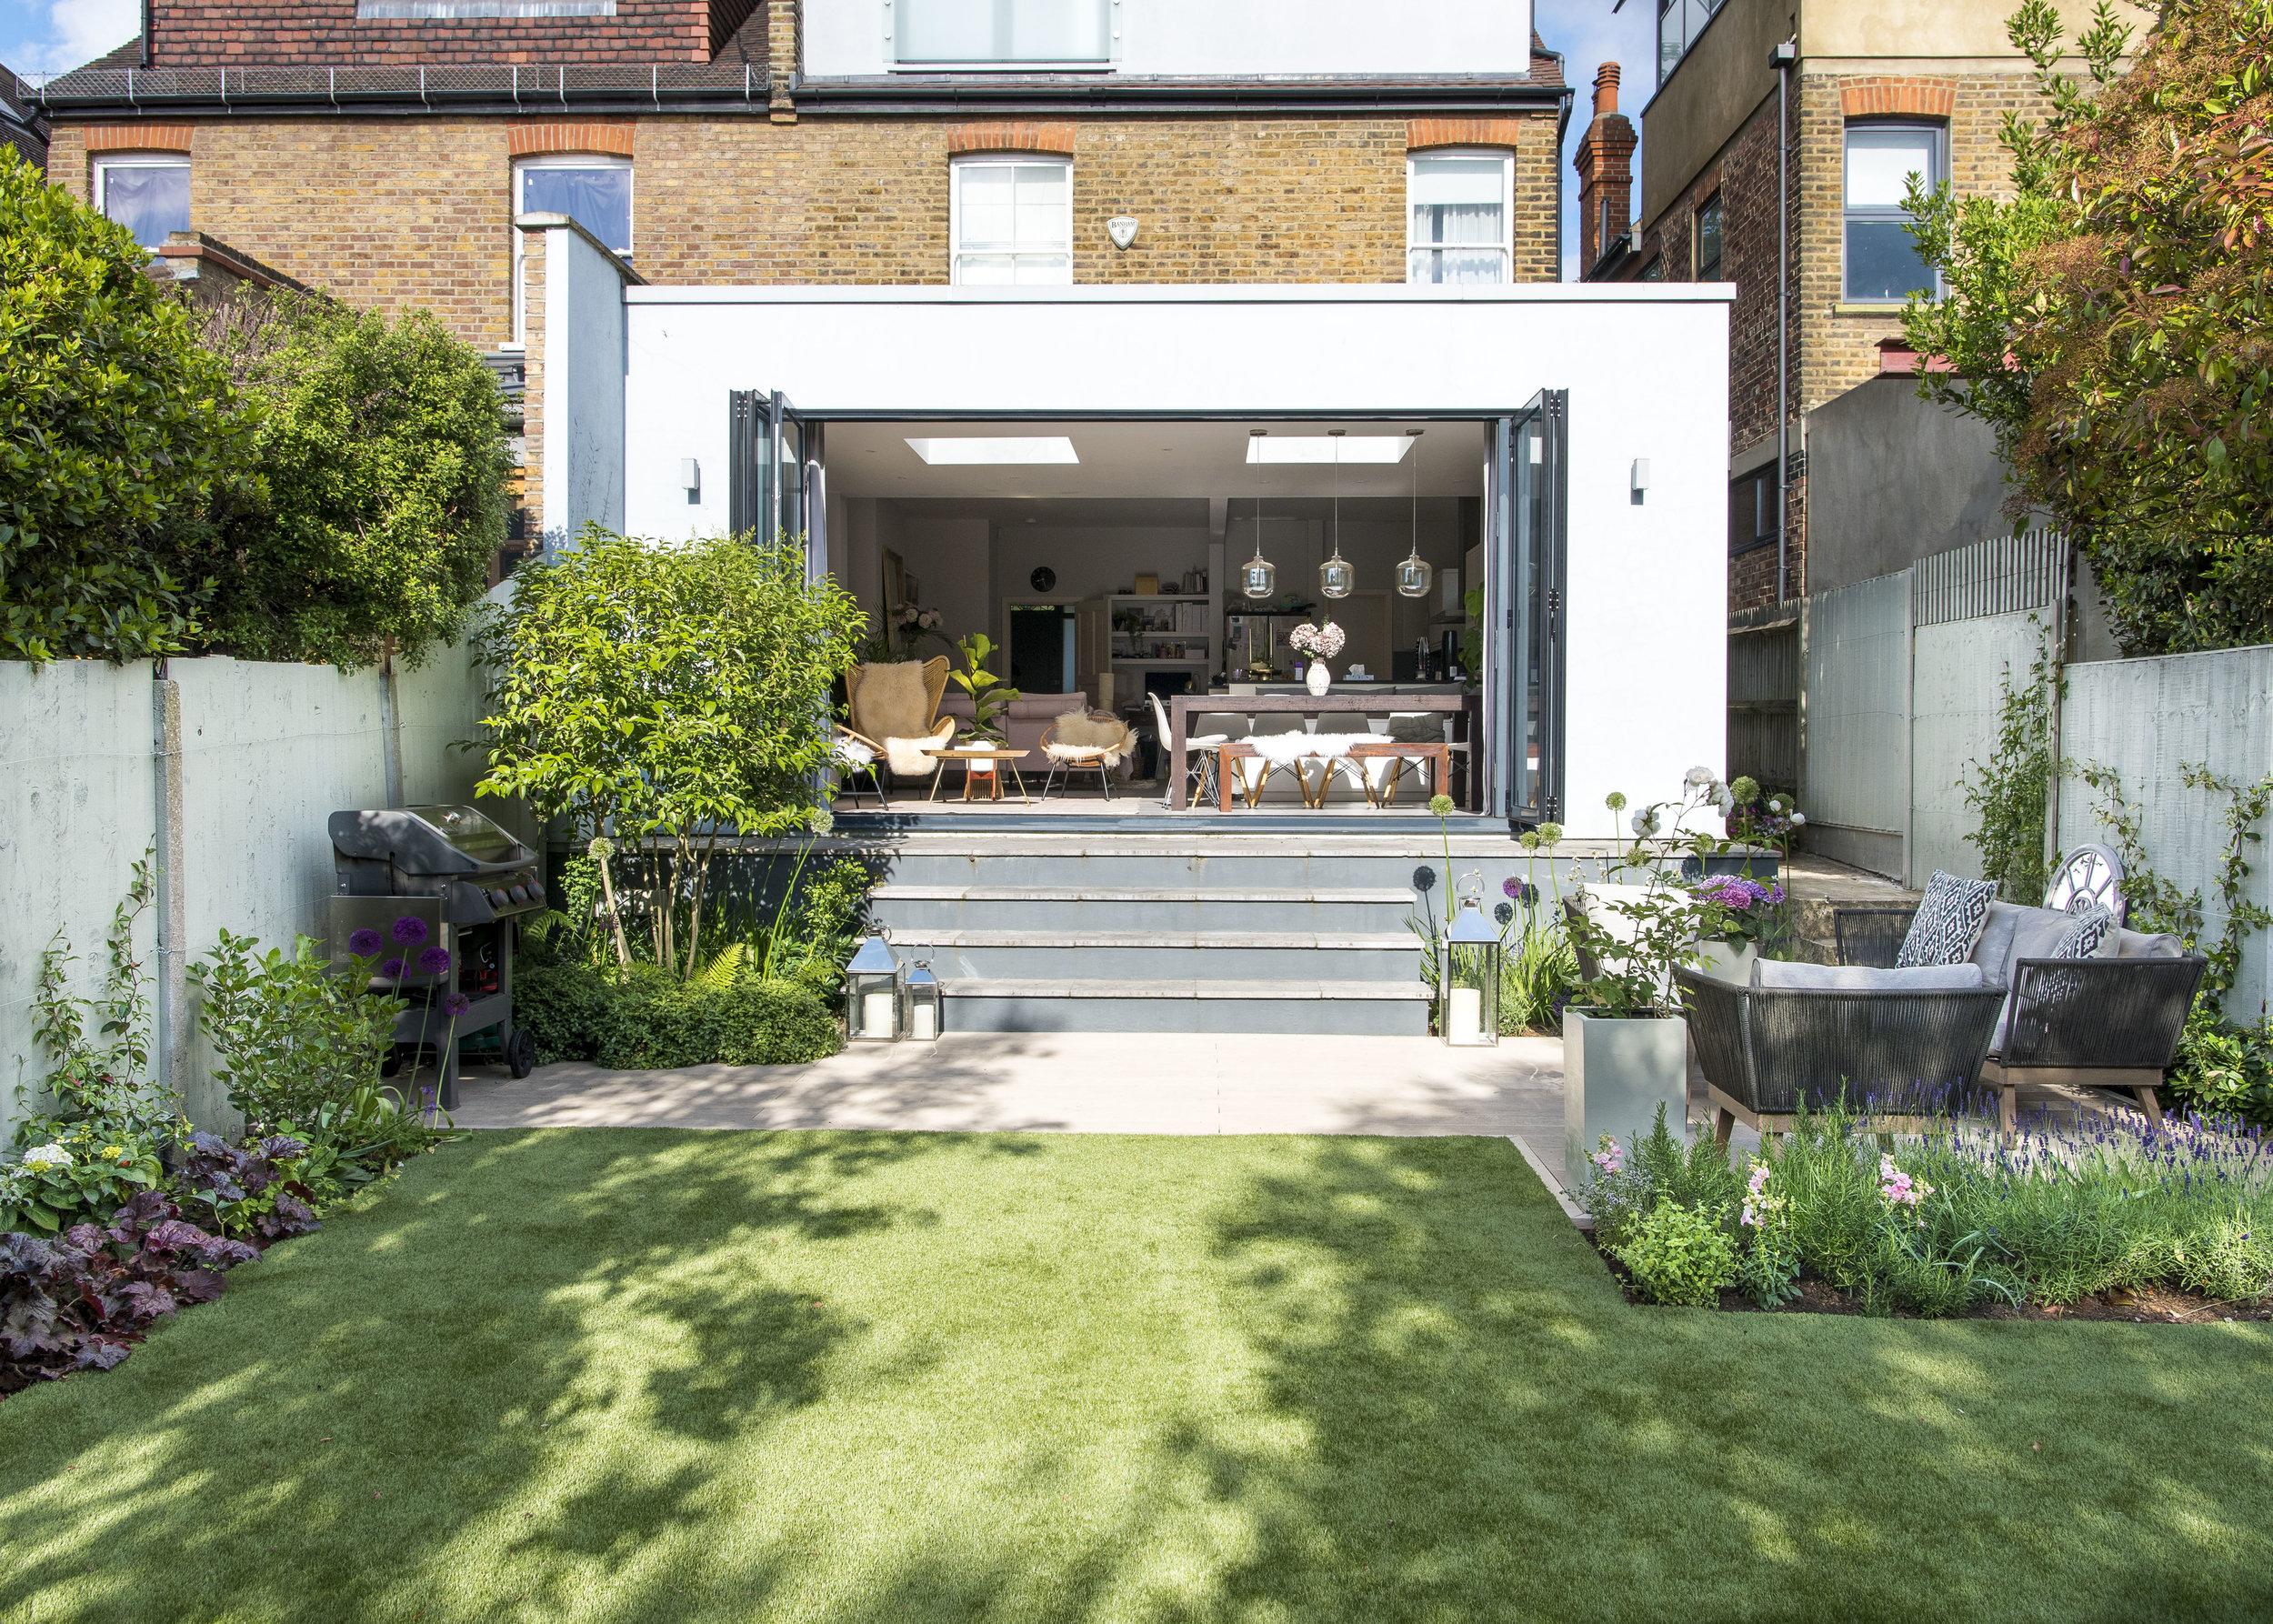 Joanna_Archer_Garden_Design_sun_terrace7.jpg